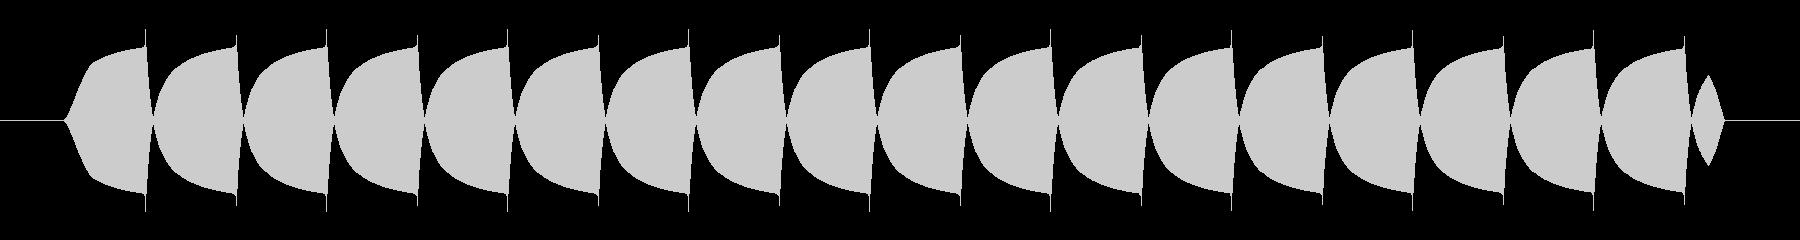 ビープ音-低周波-短の未再生の波形